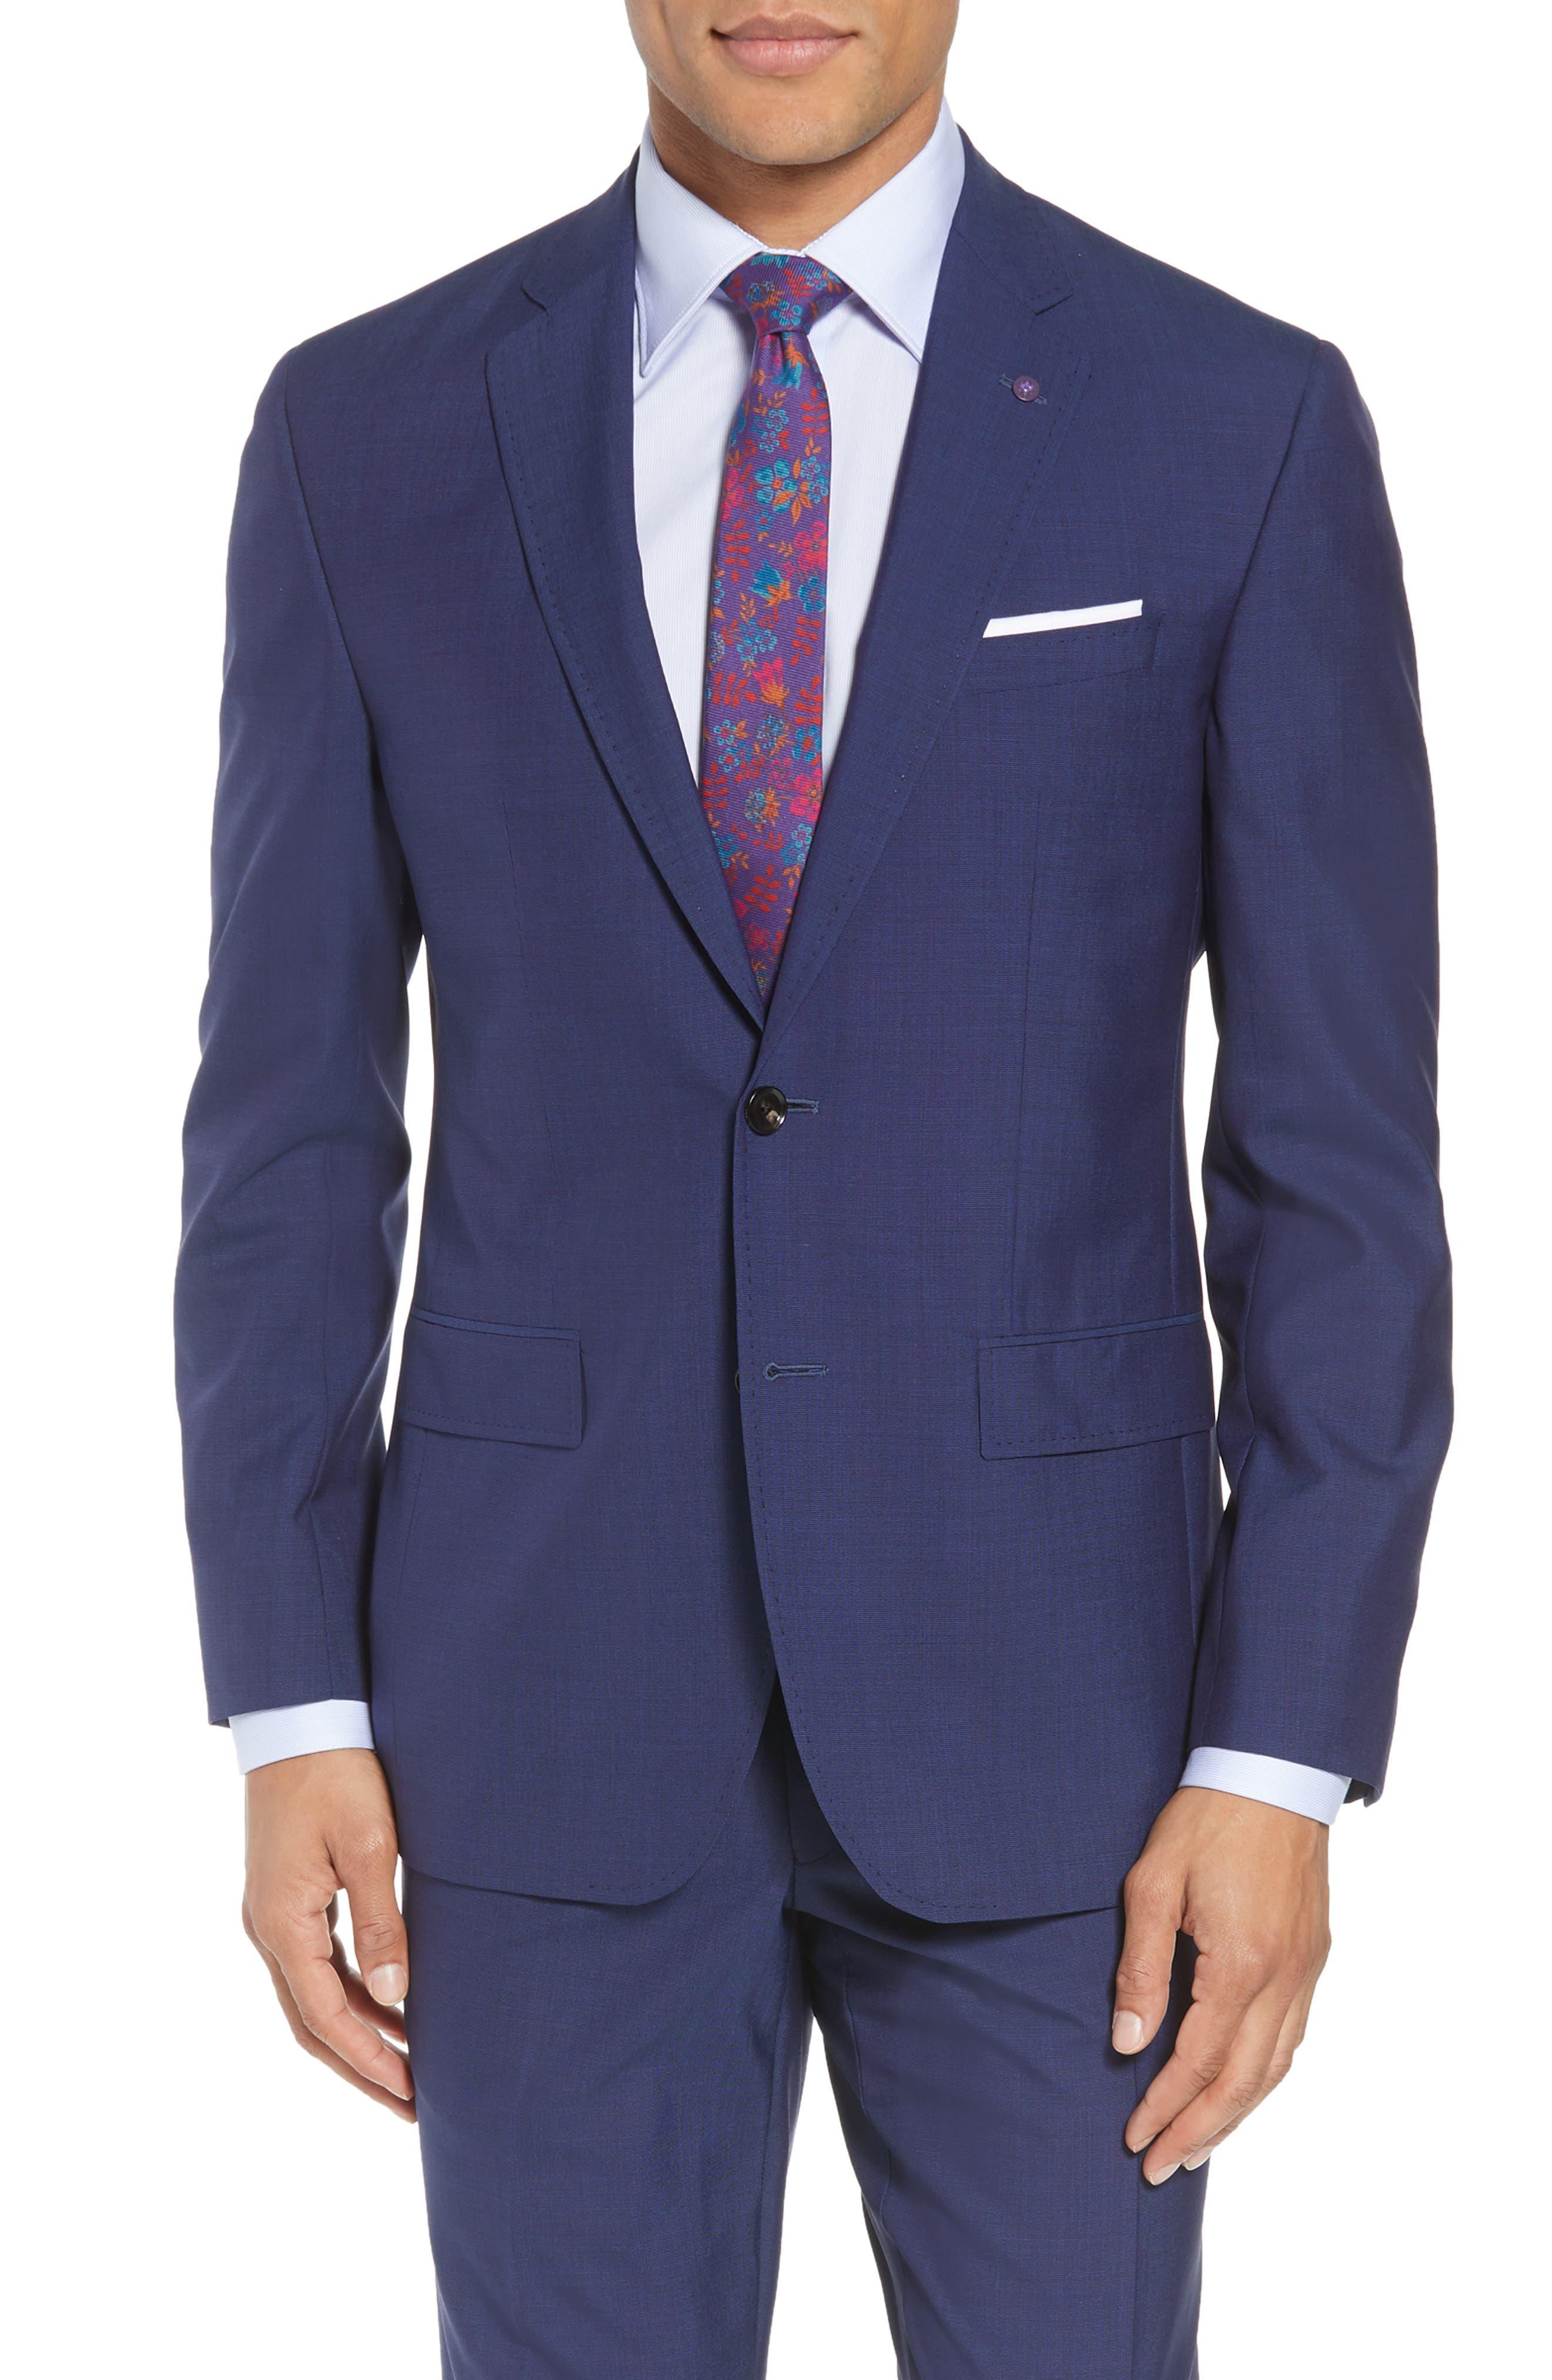 Jay Trim Fit Suit,                             Alternate thumbnail 5, color,                             BLUE